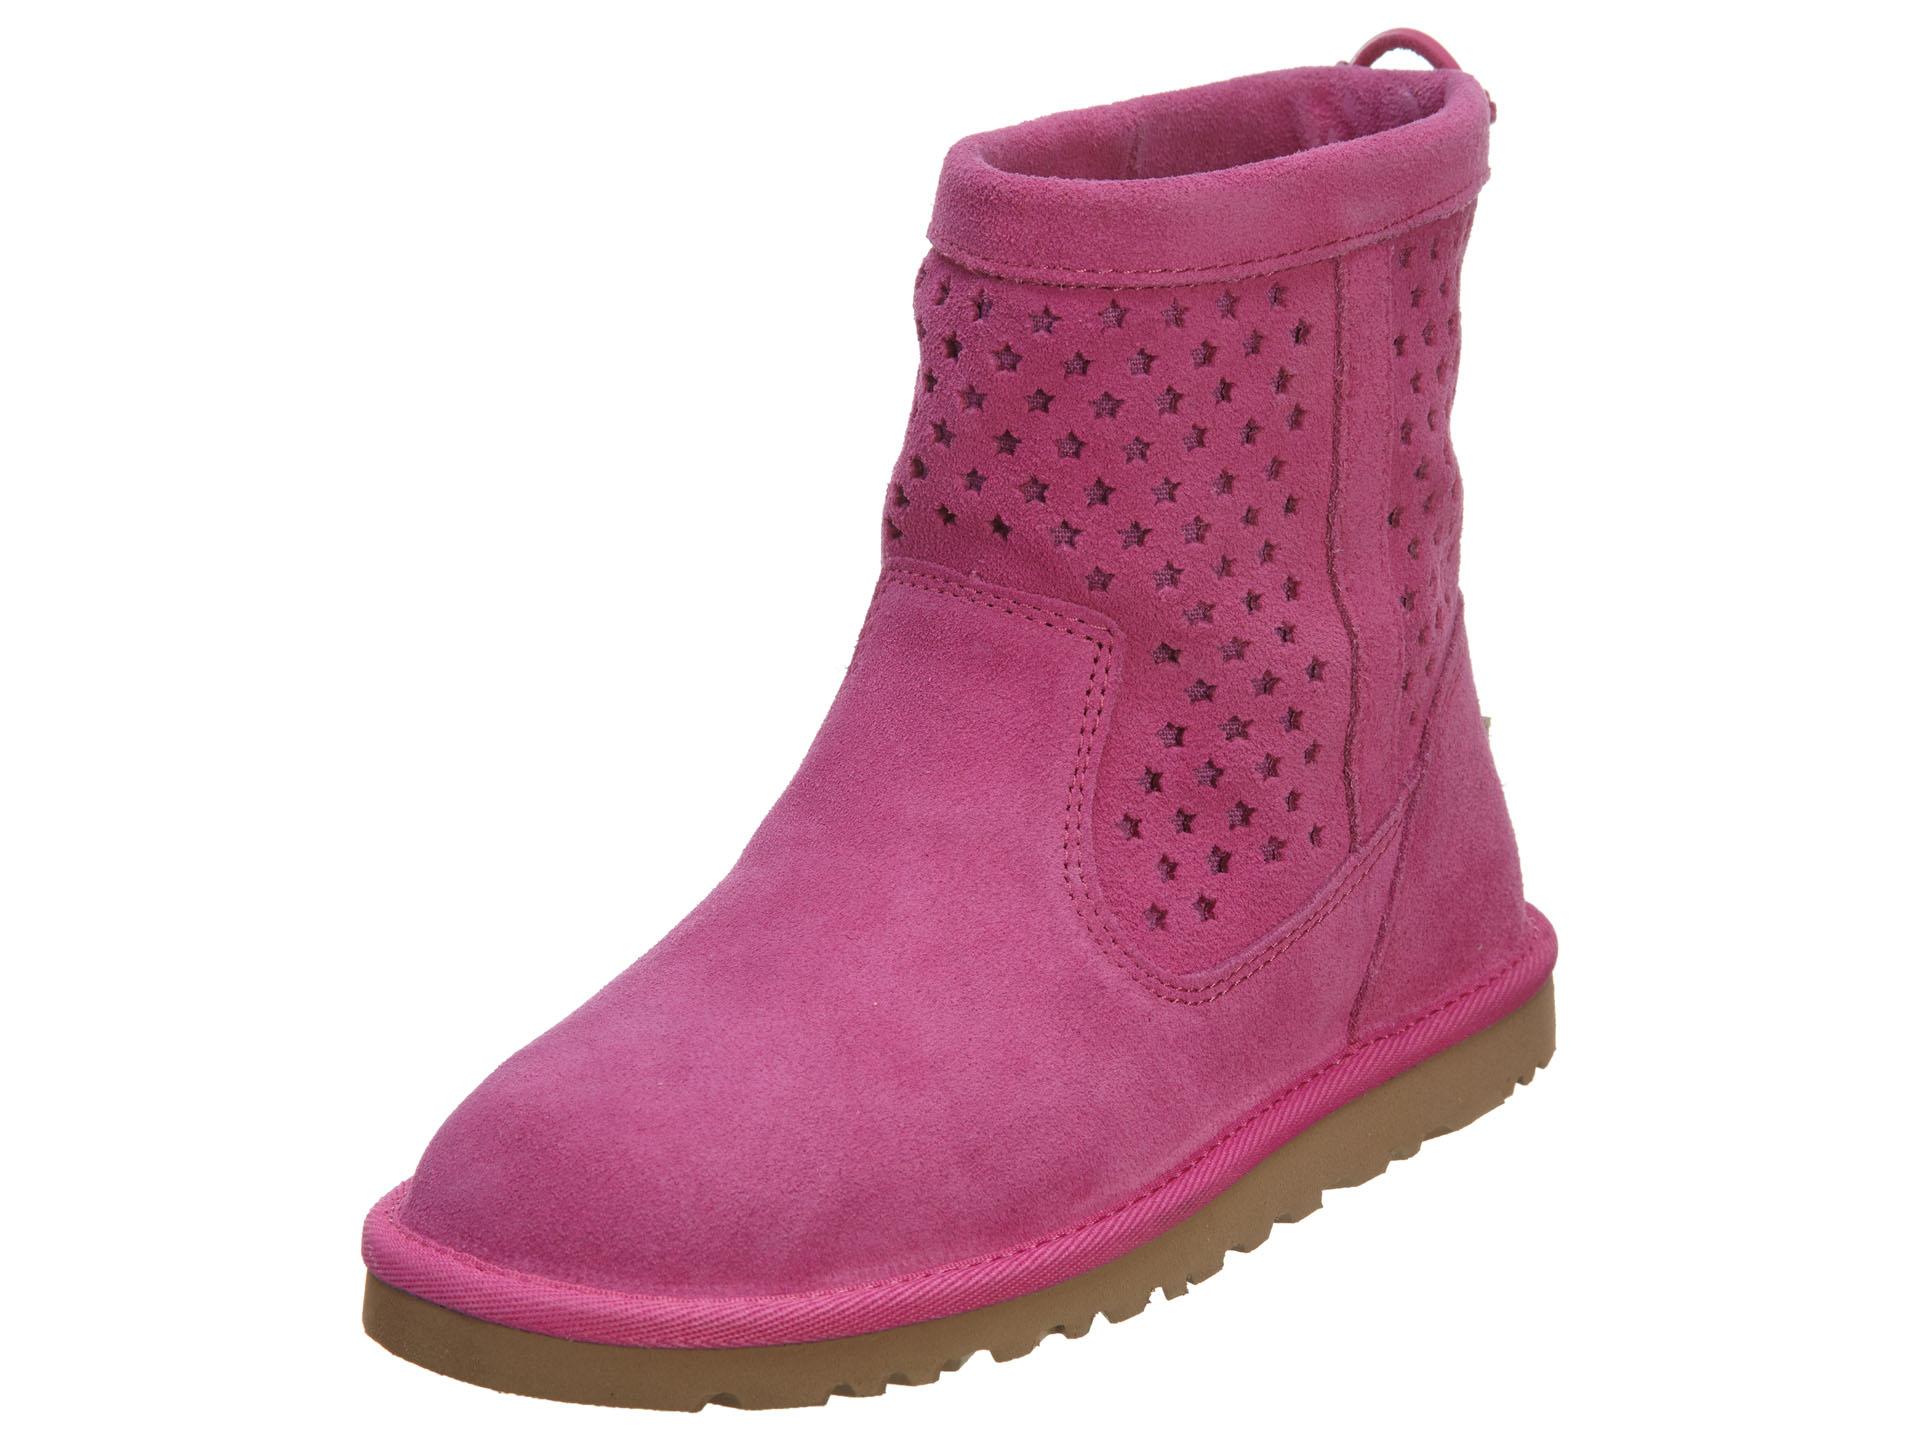 UGG Girls Boots - Walmart.com